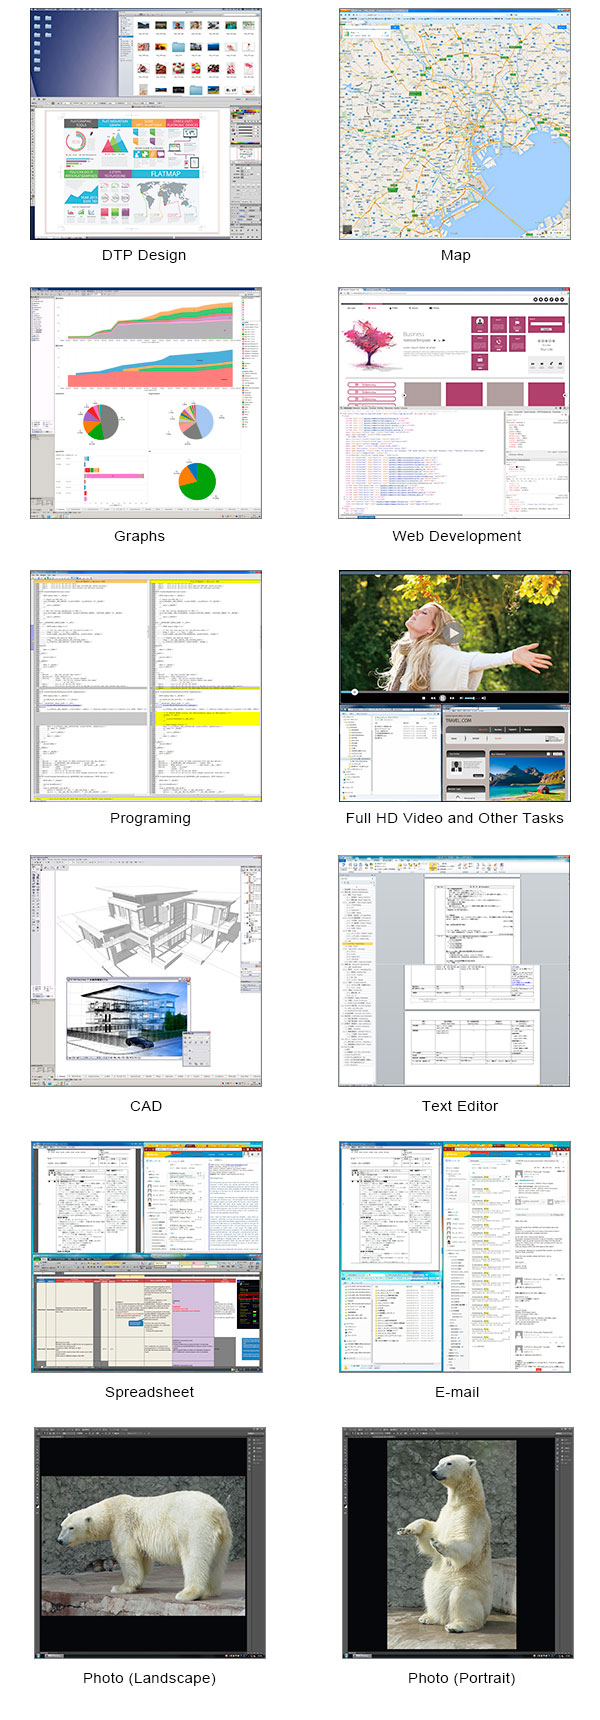 exemples d'affichage écran bureautique eizo ev2730q